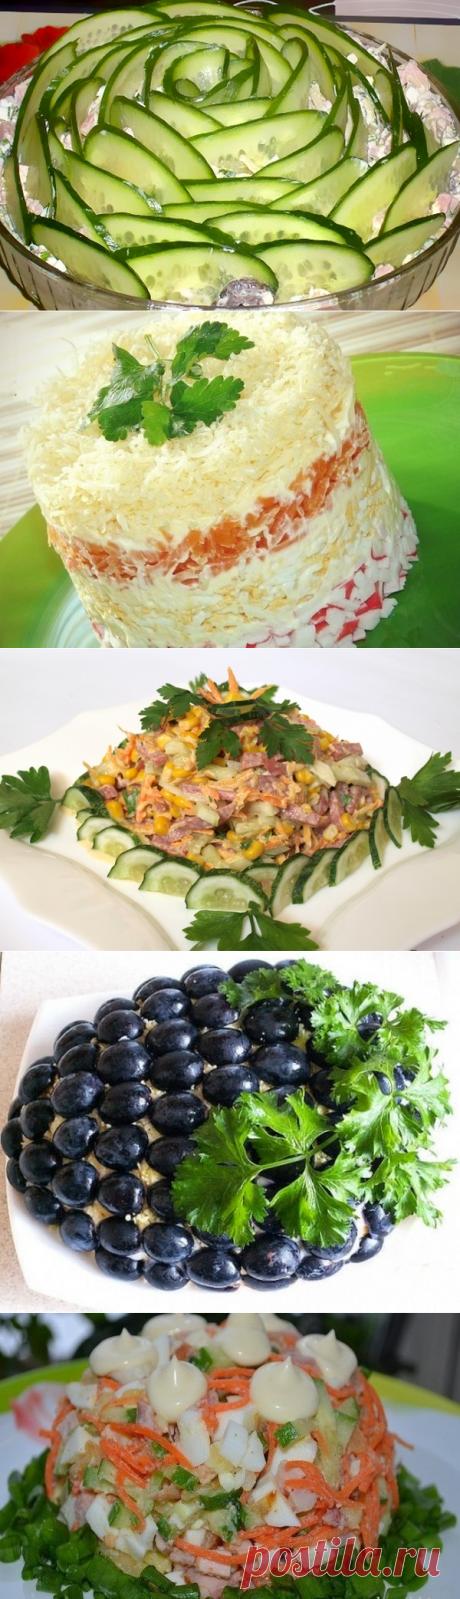 5 праздничных салатов | Очень вкусно